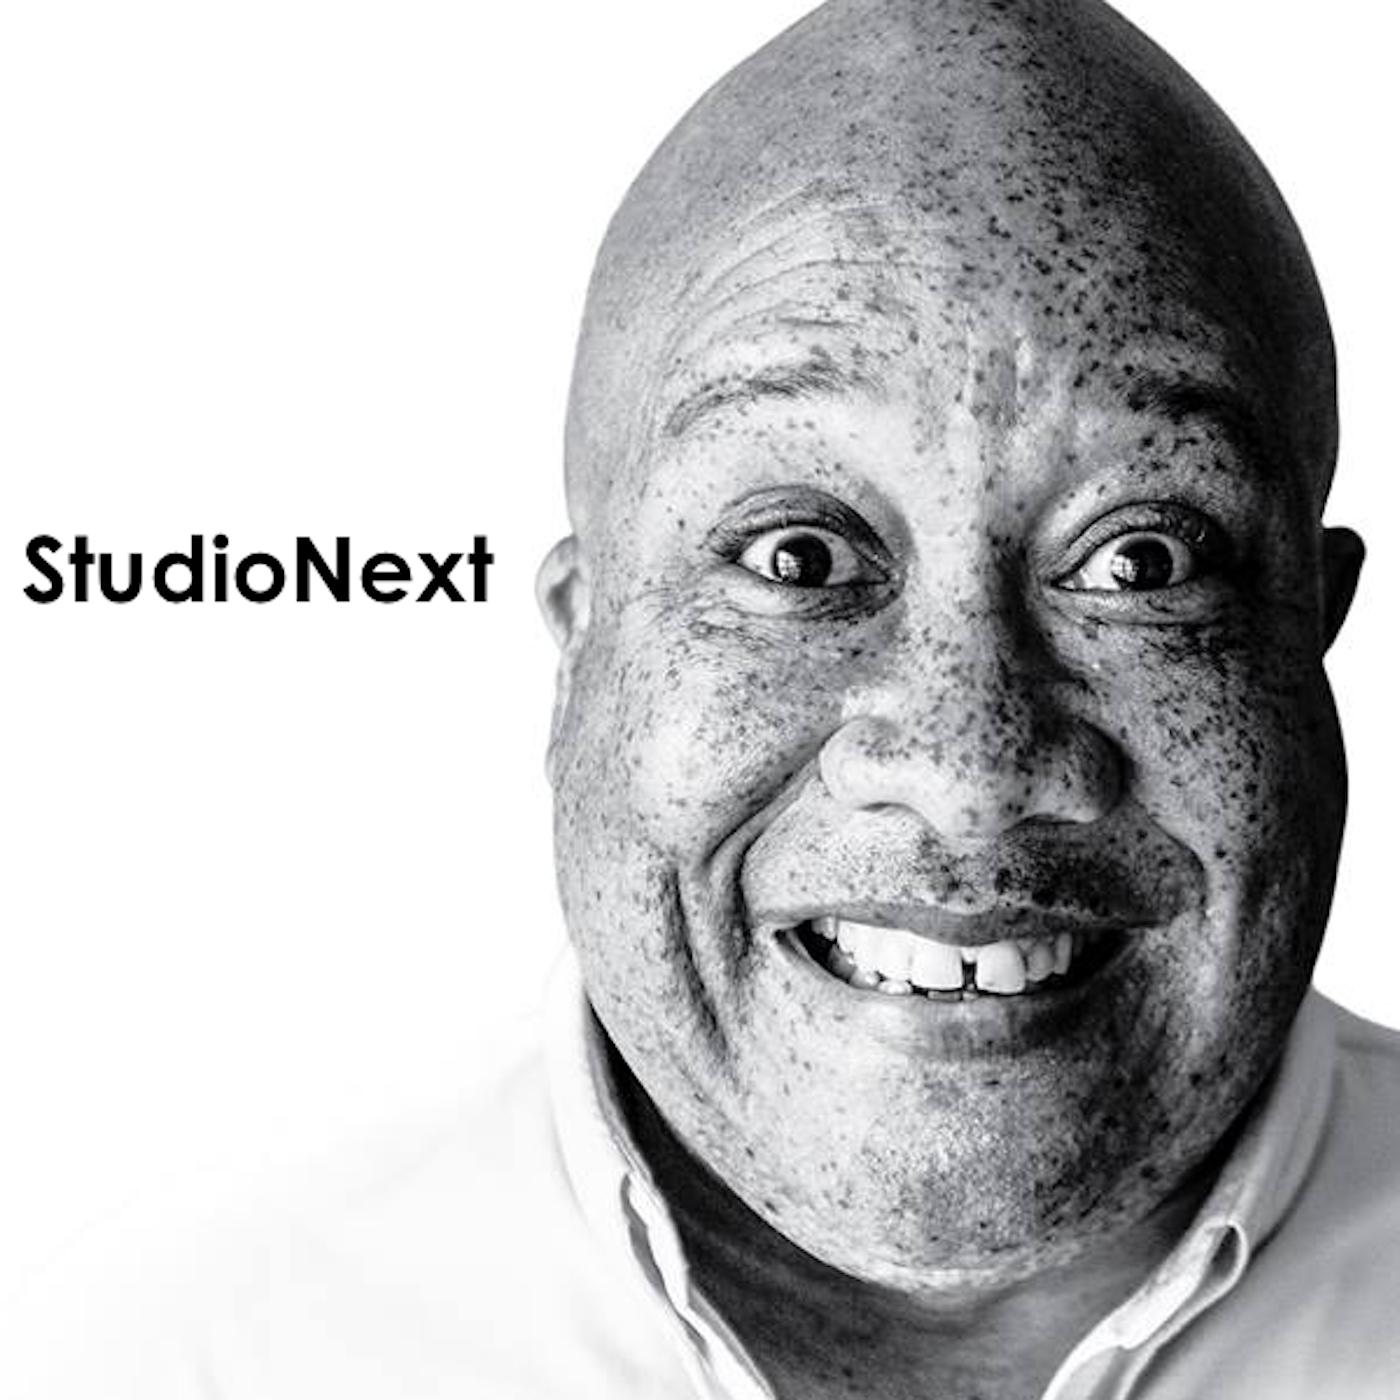 StudioNext show art